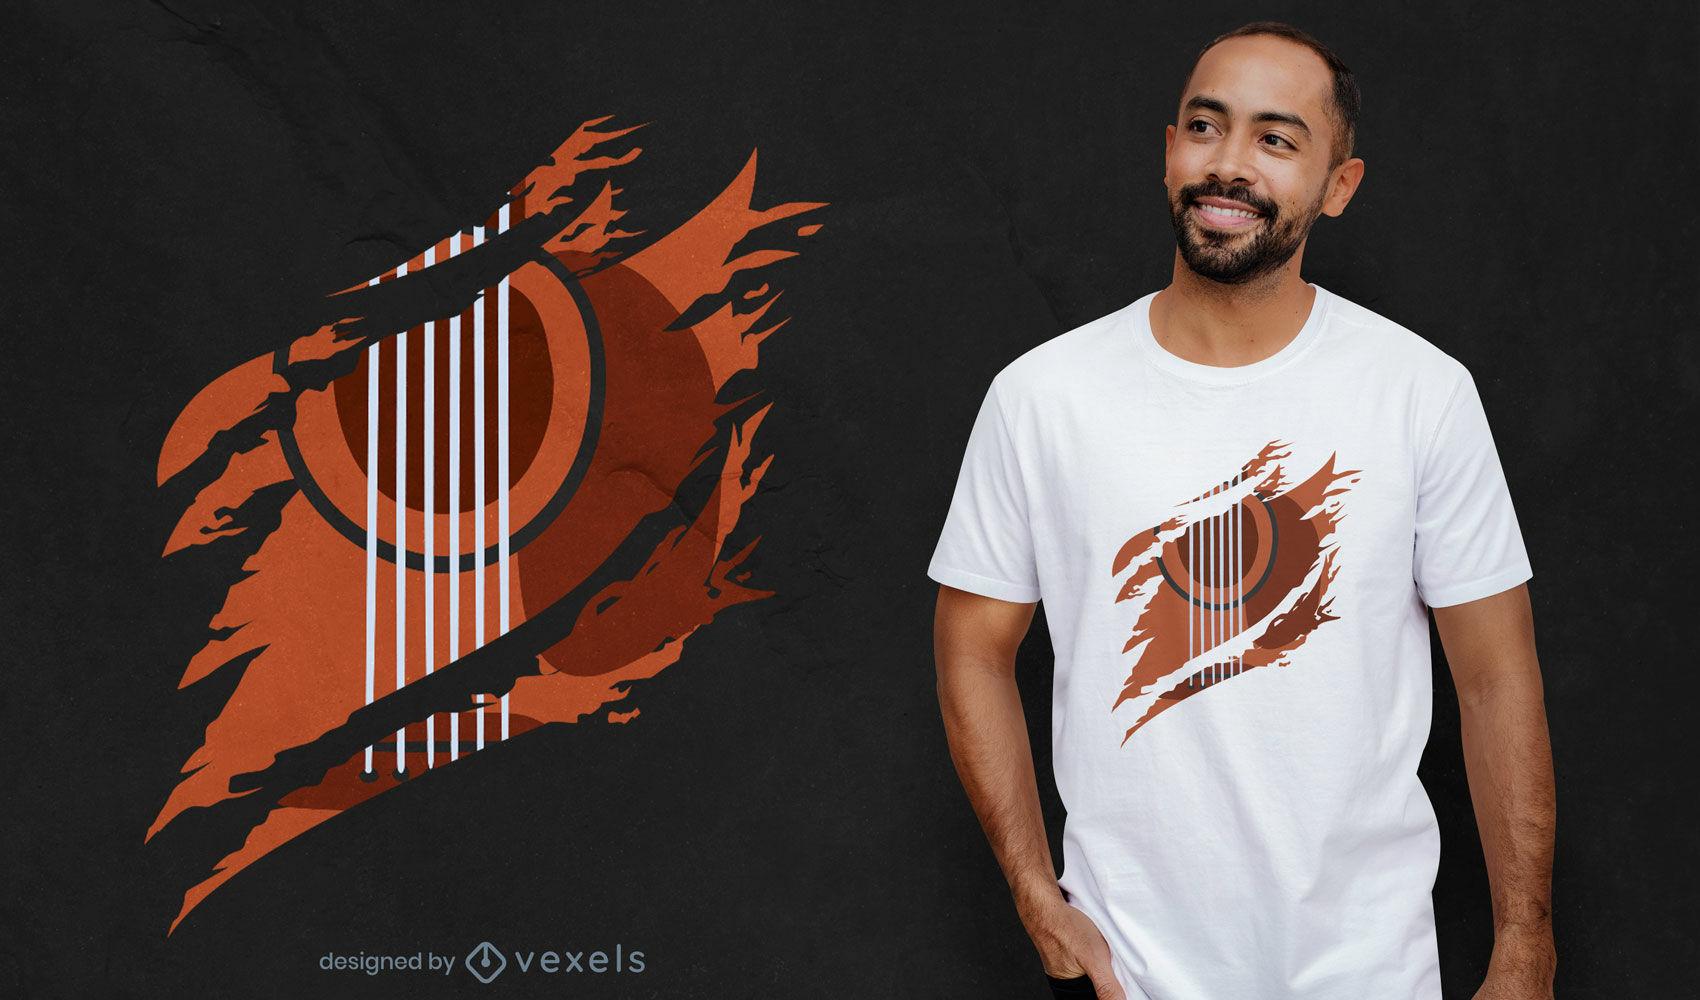 Diseño de camiseta rasgada de instrumento musical de guitarra.